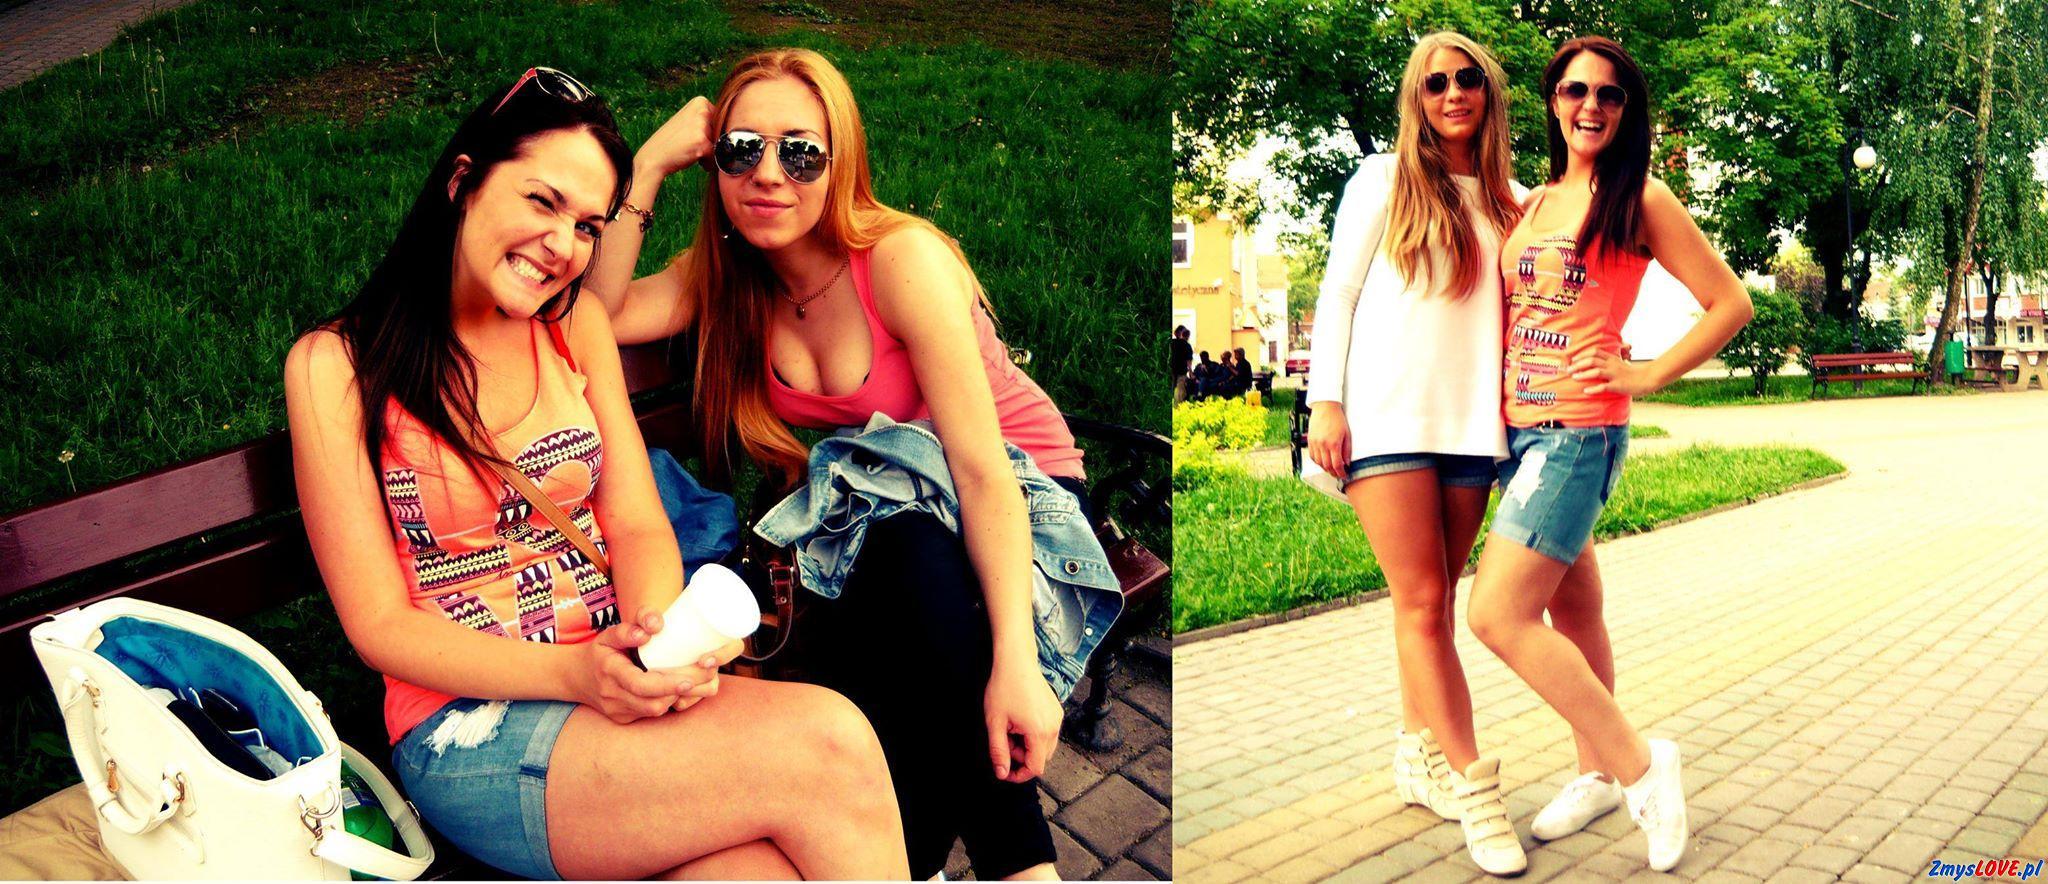 Wiola, Marlena – 19 lat, Ozorków